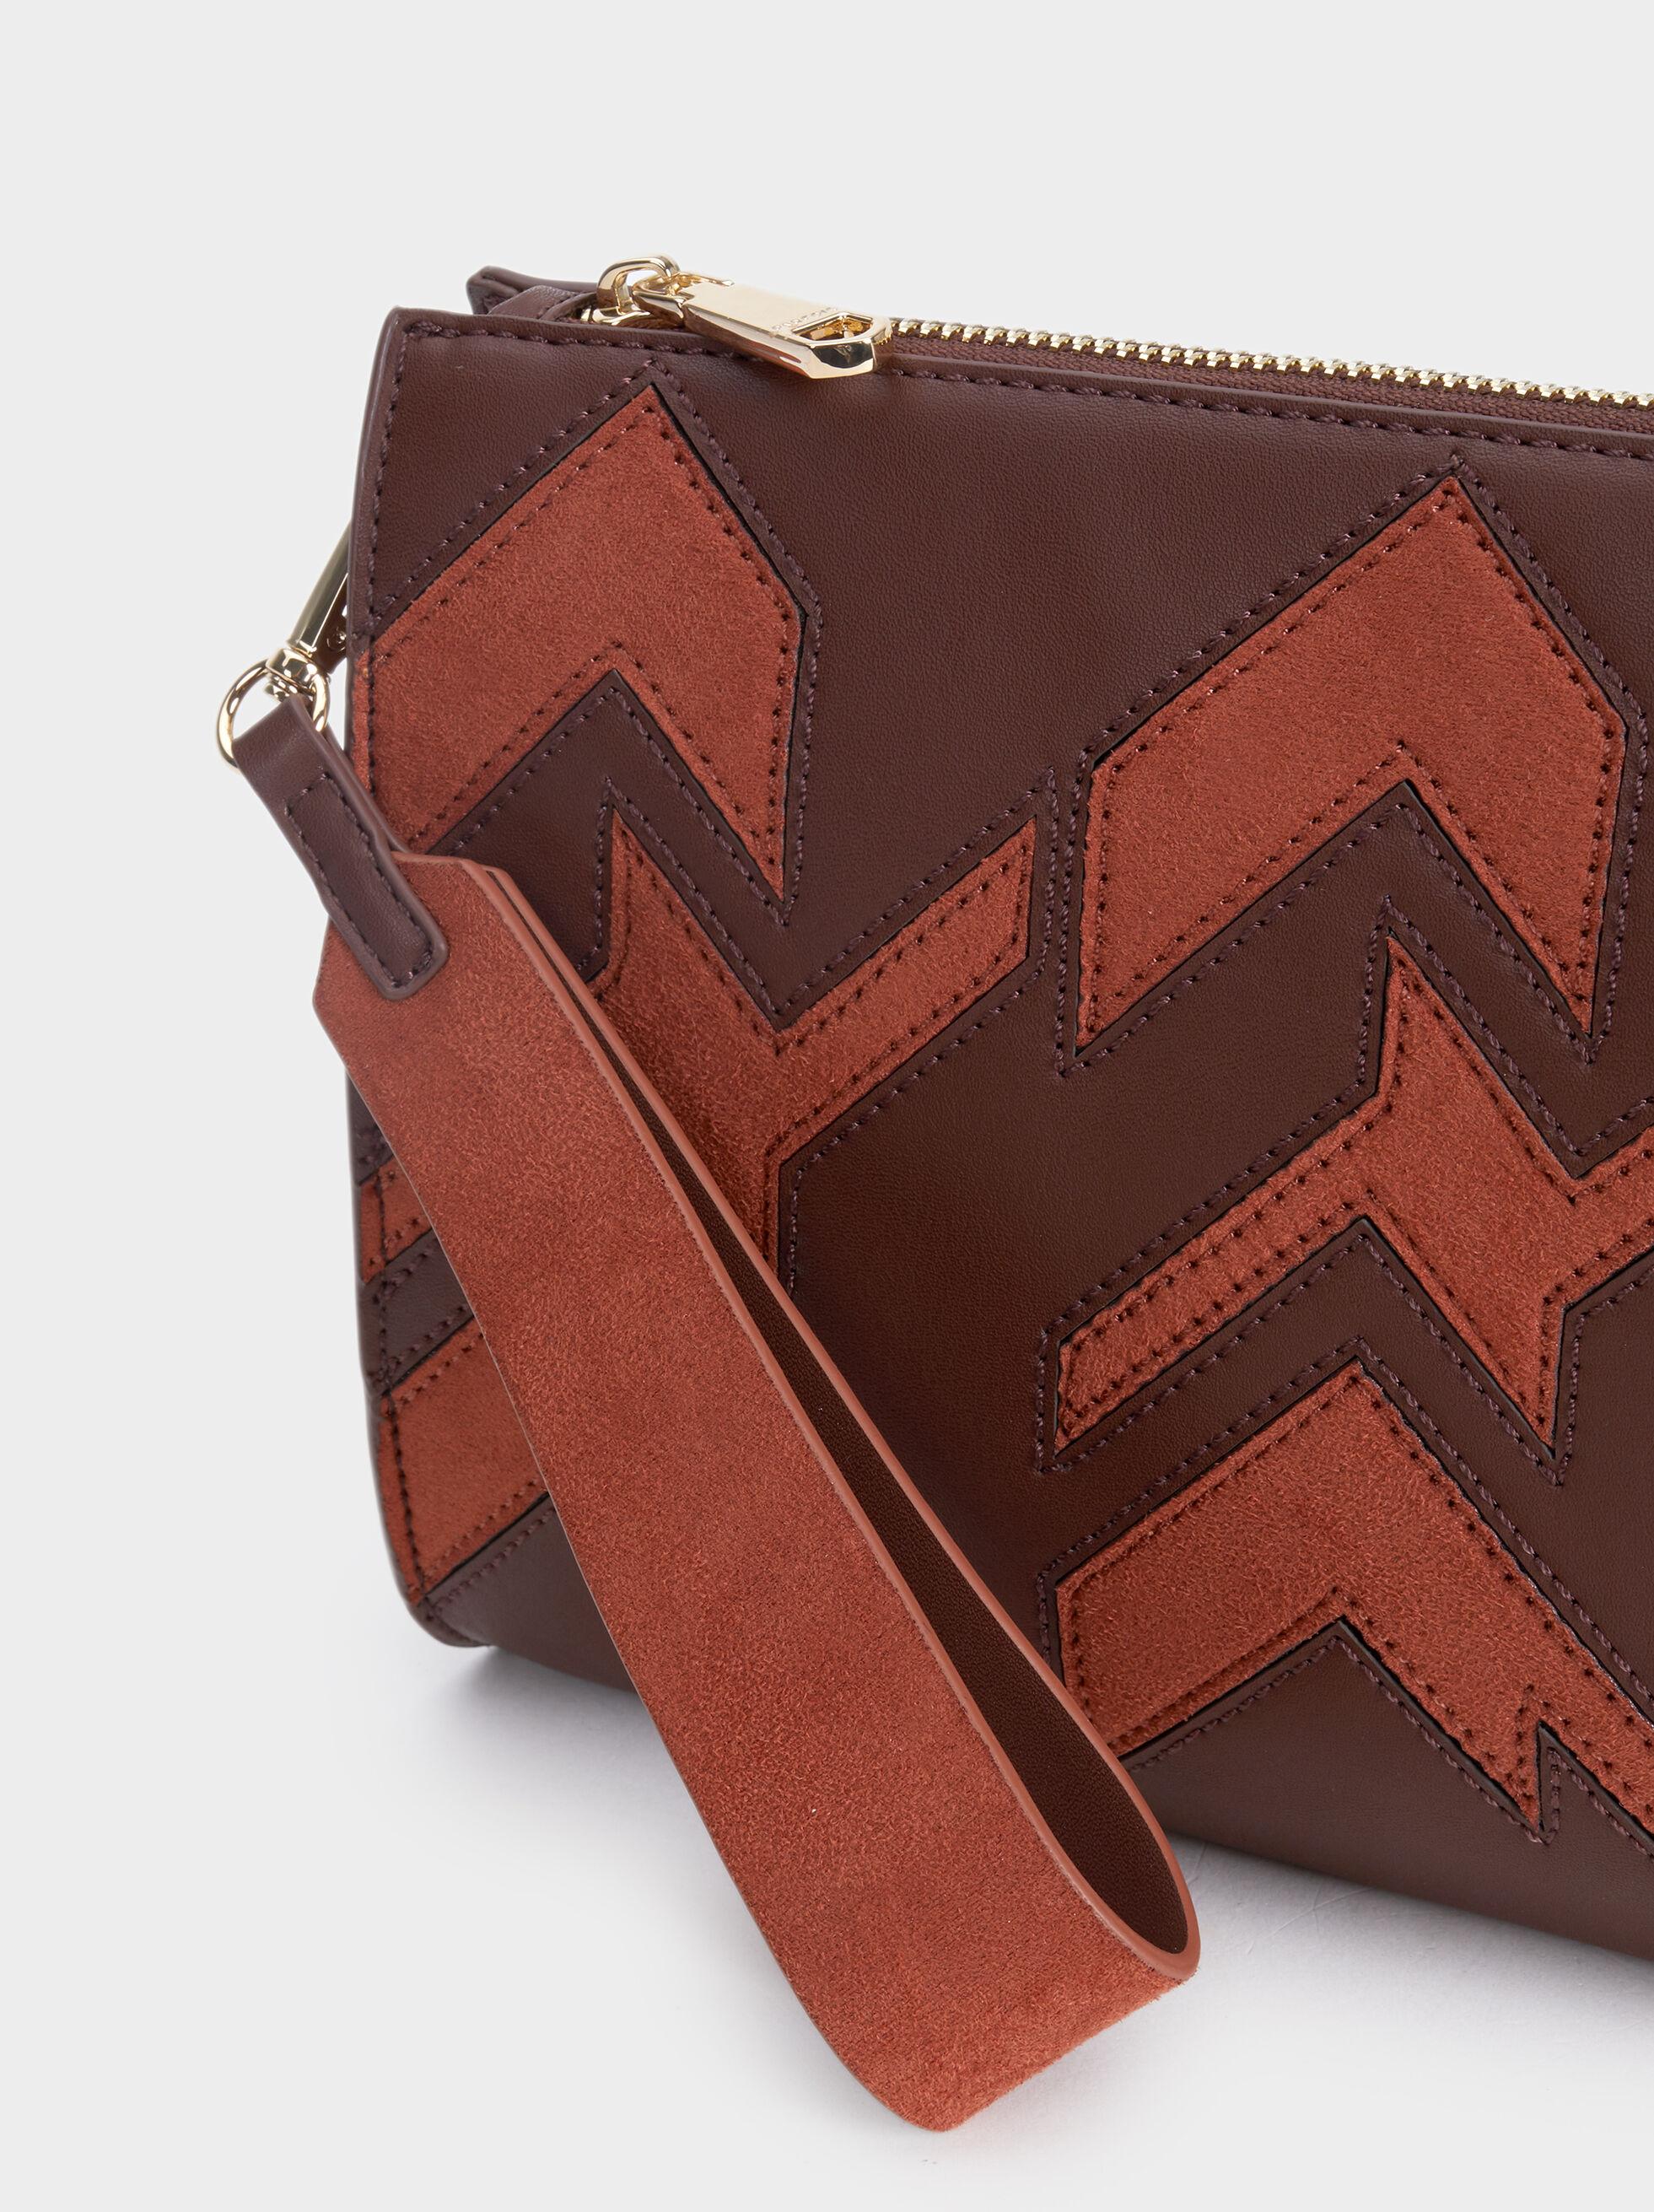 Patchwork Handbag, Brick Red, hi-res